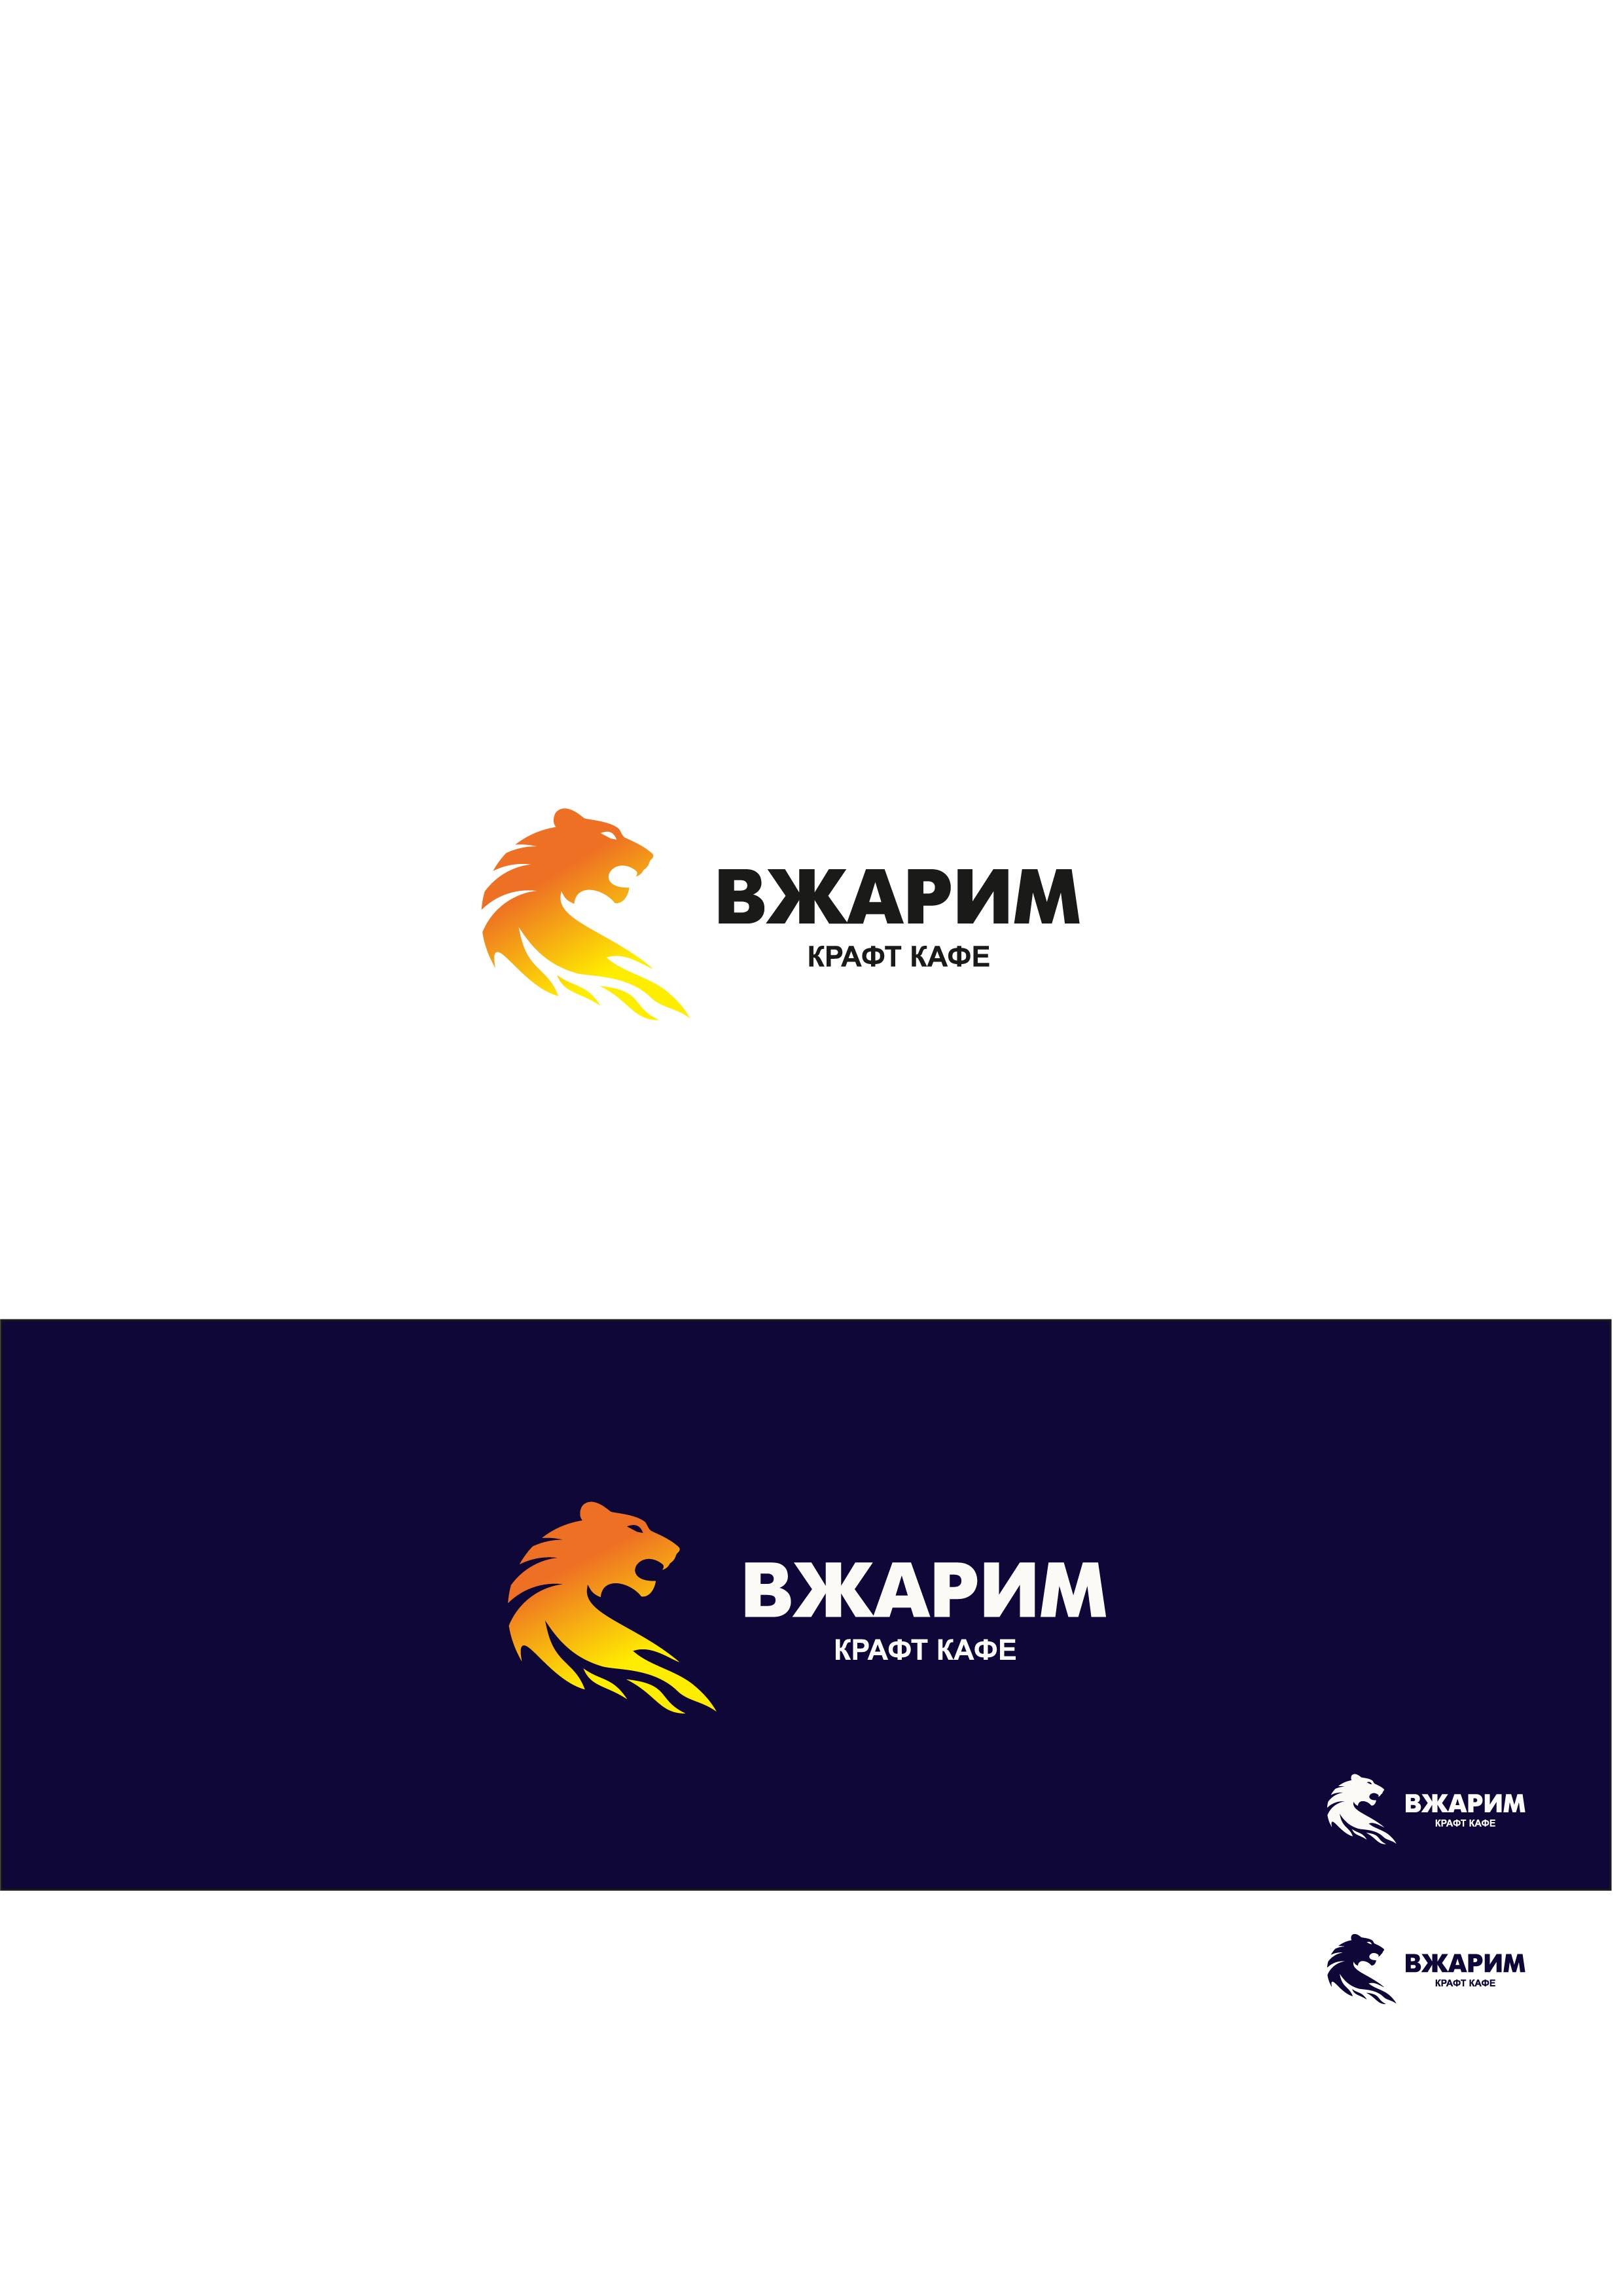 Требуется, разработка логотипа для крафт-кафе «ВЖАРИМ». фото f_4676023fb23d4b6a.jpg